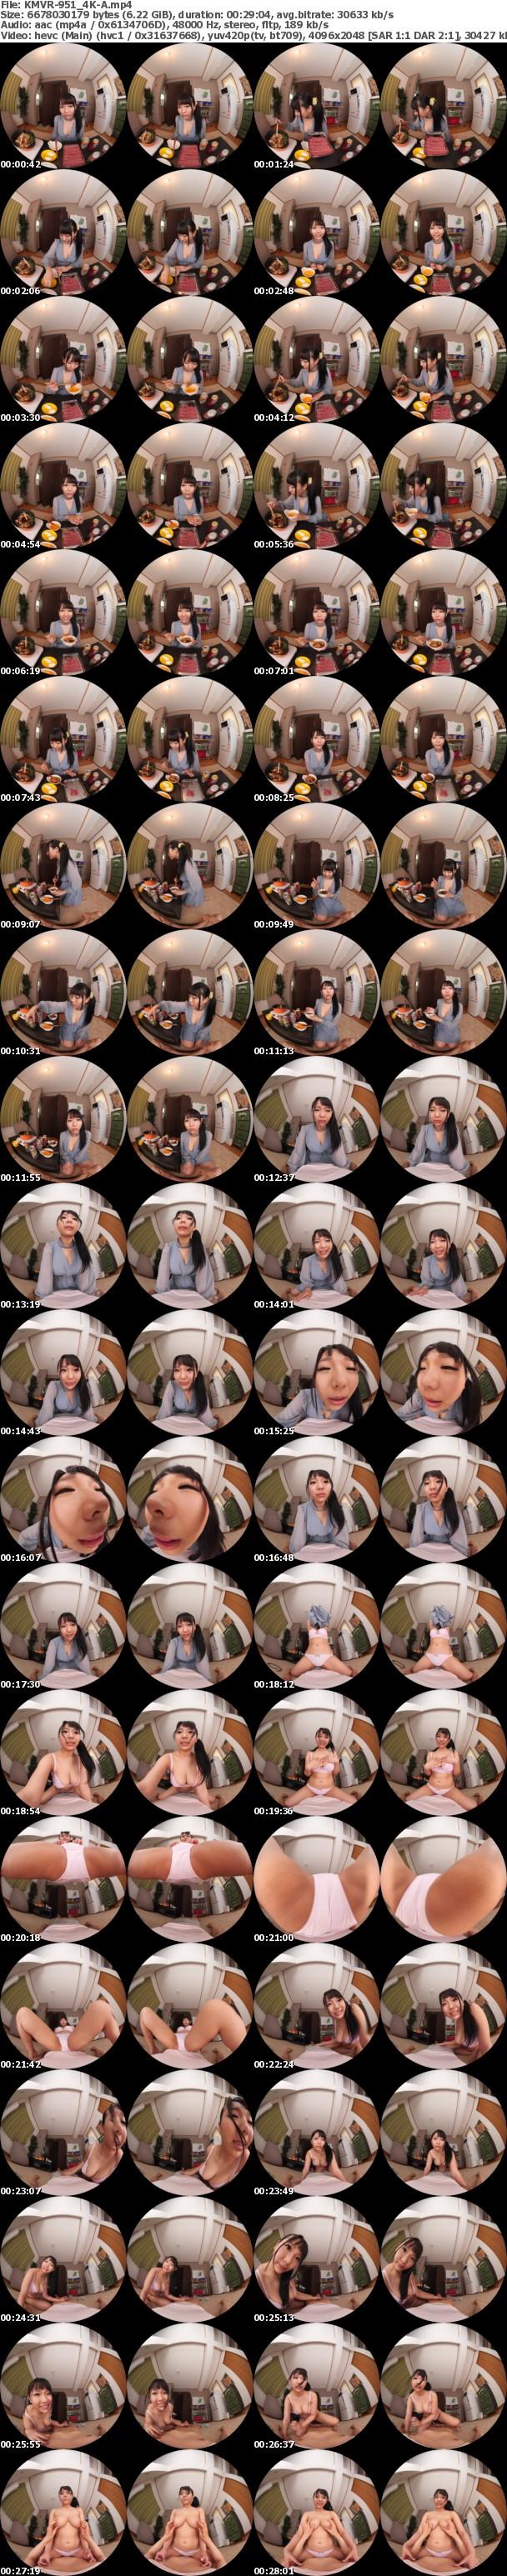 (VR) (4K) KMVR-951 いちゃラブ天井特化アングルVR ~るかチャンのおっぱいをひたすら下から見る~ 稲場るか